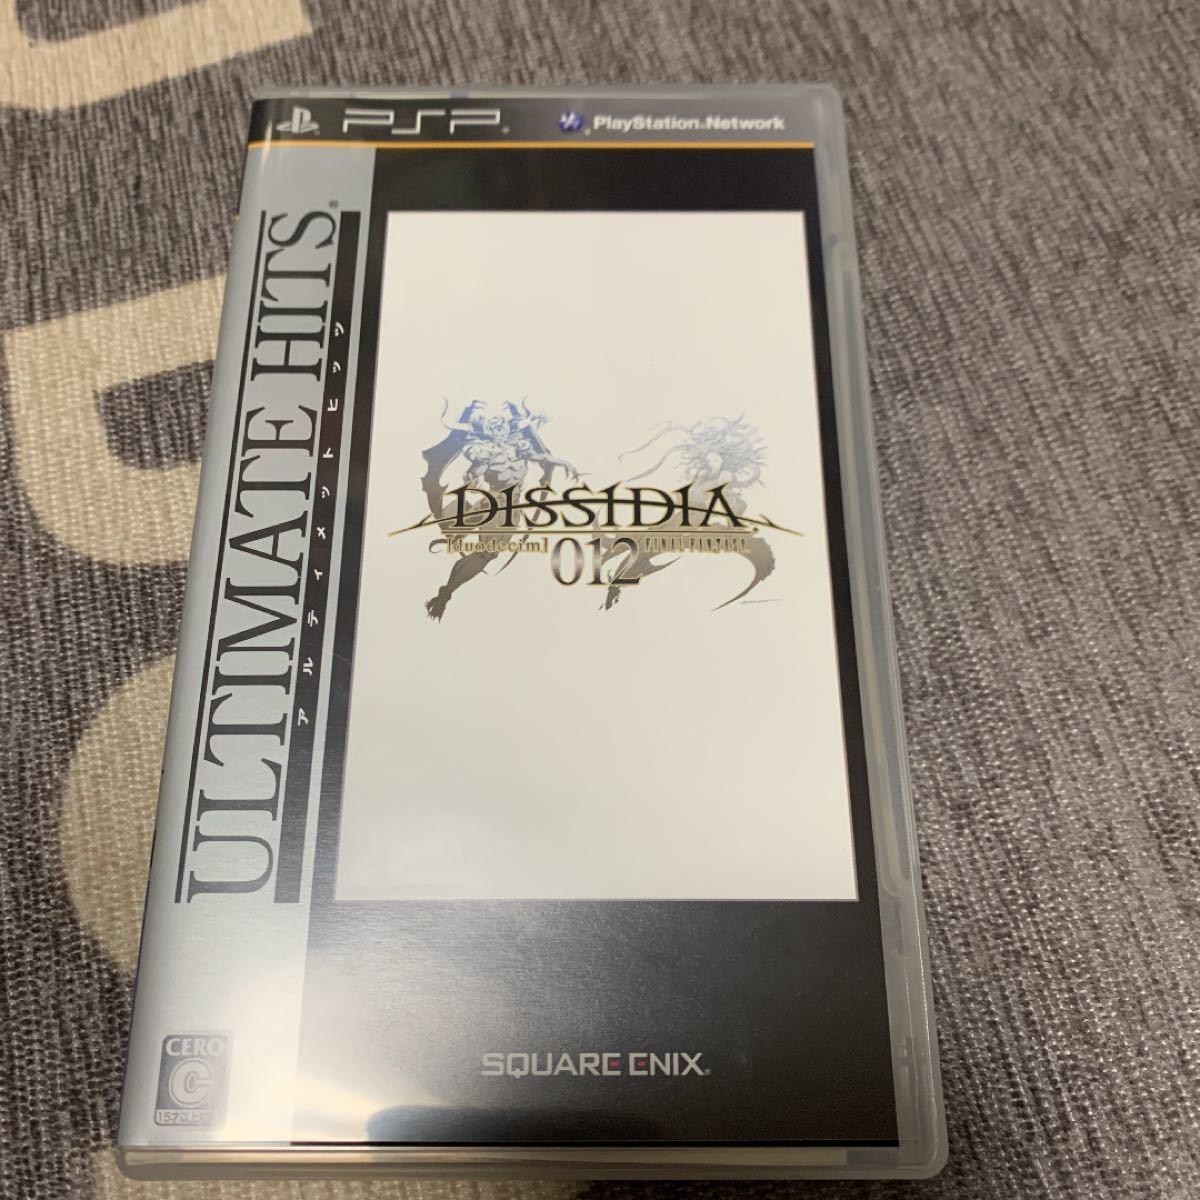 【PSP】 ディシディア デュオデシム ファイナルファンタジー [アルティメット ヒッツ]